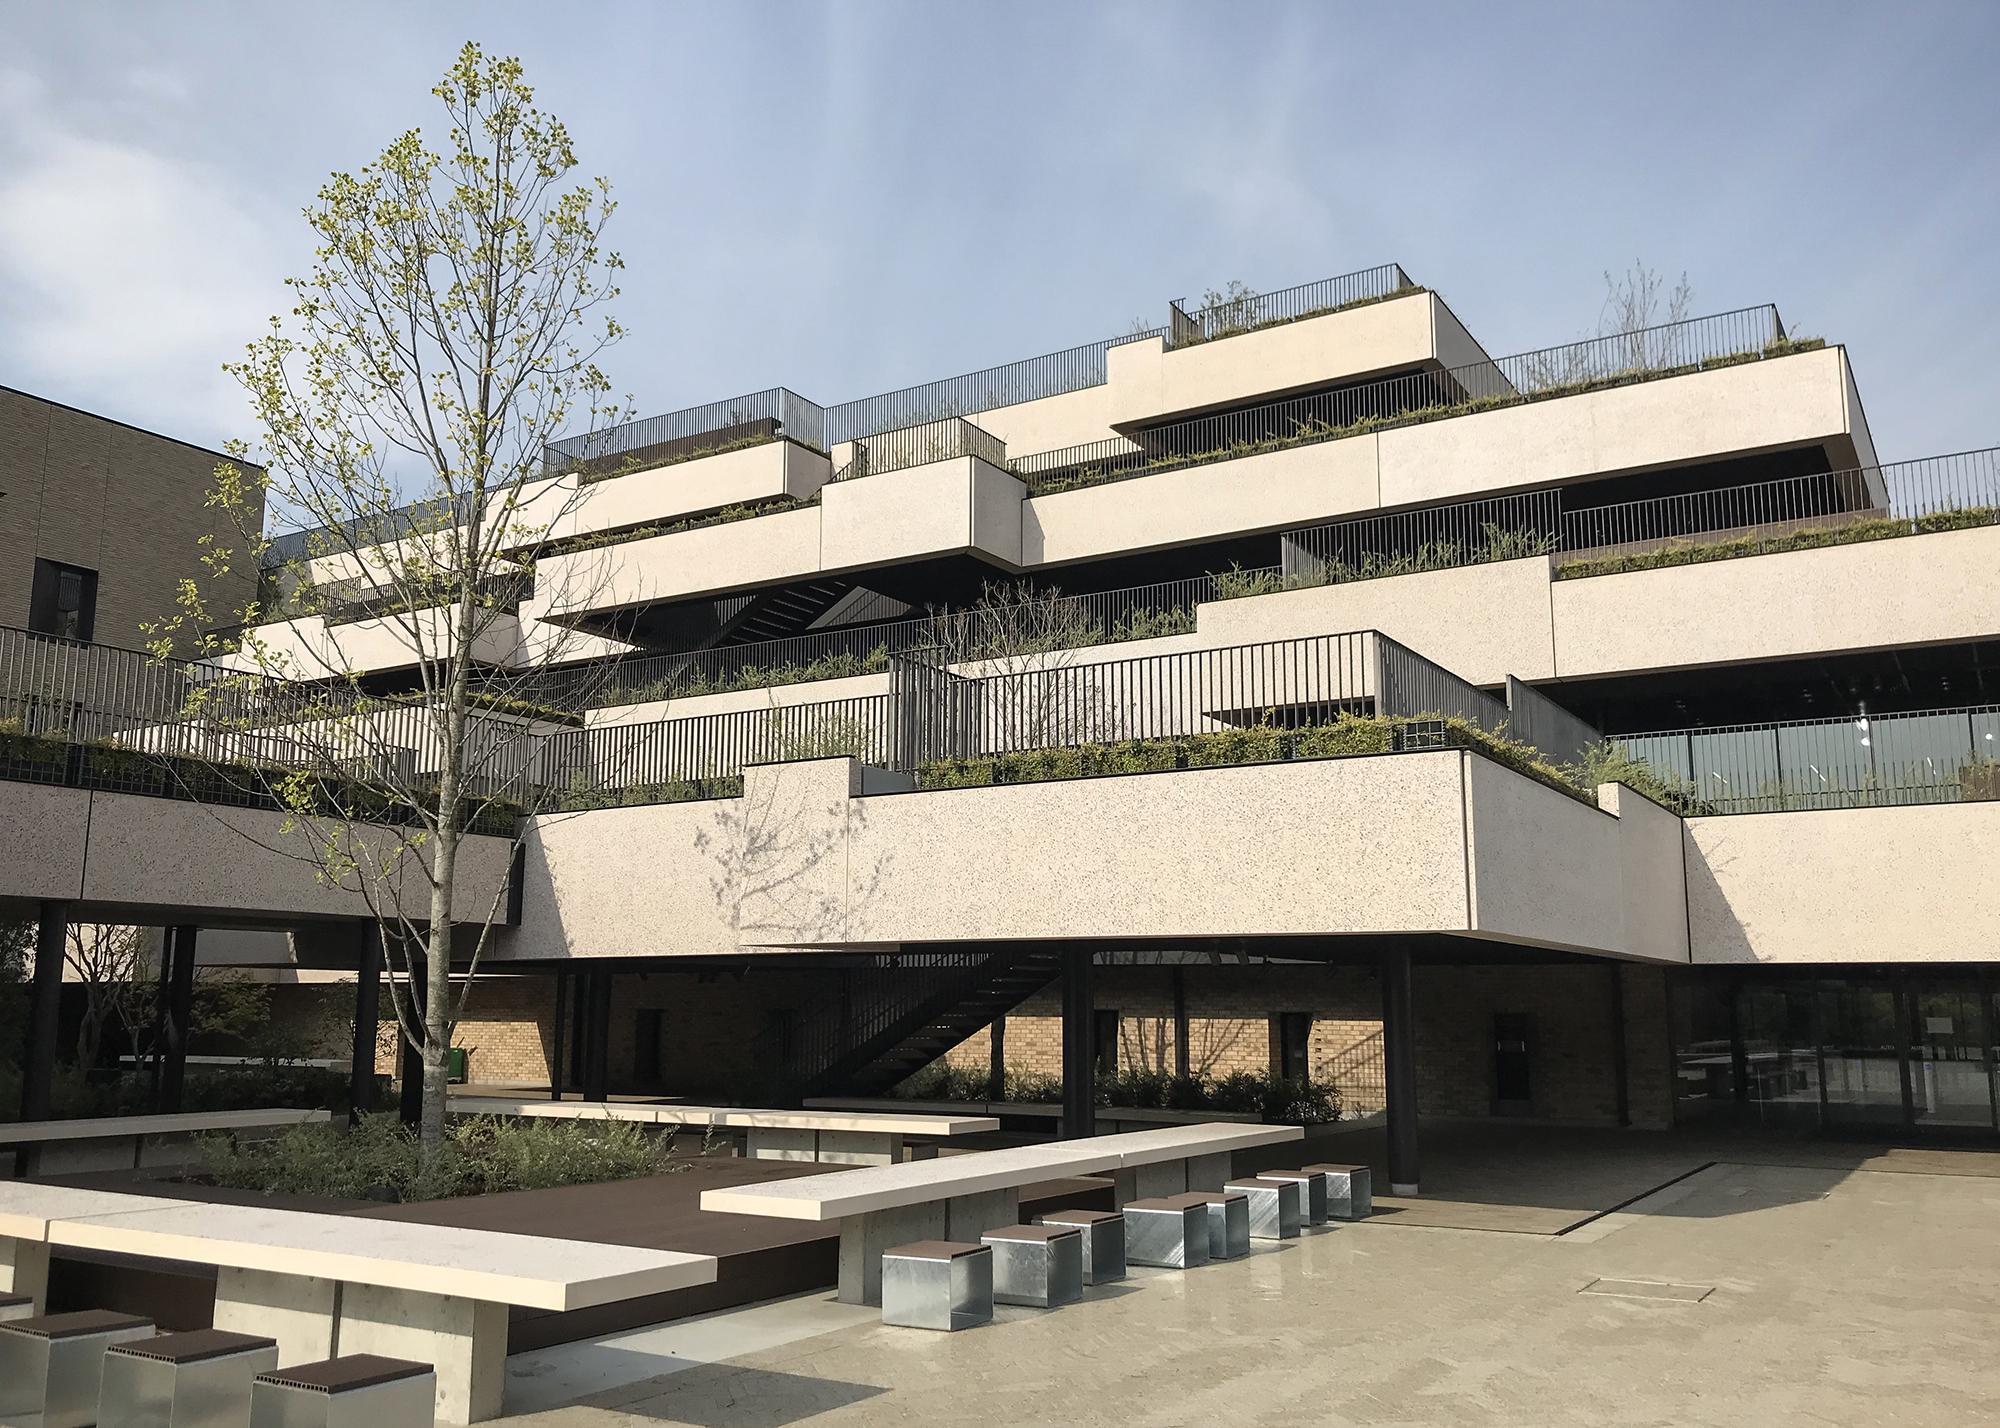 関西外国語大学 御殿山キャンパス